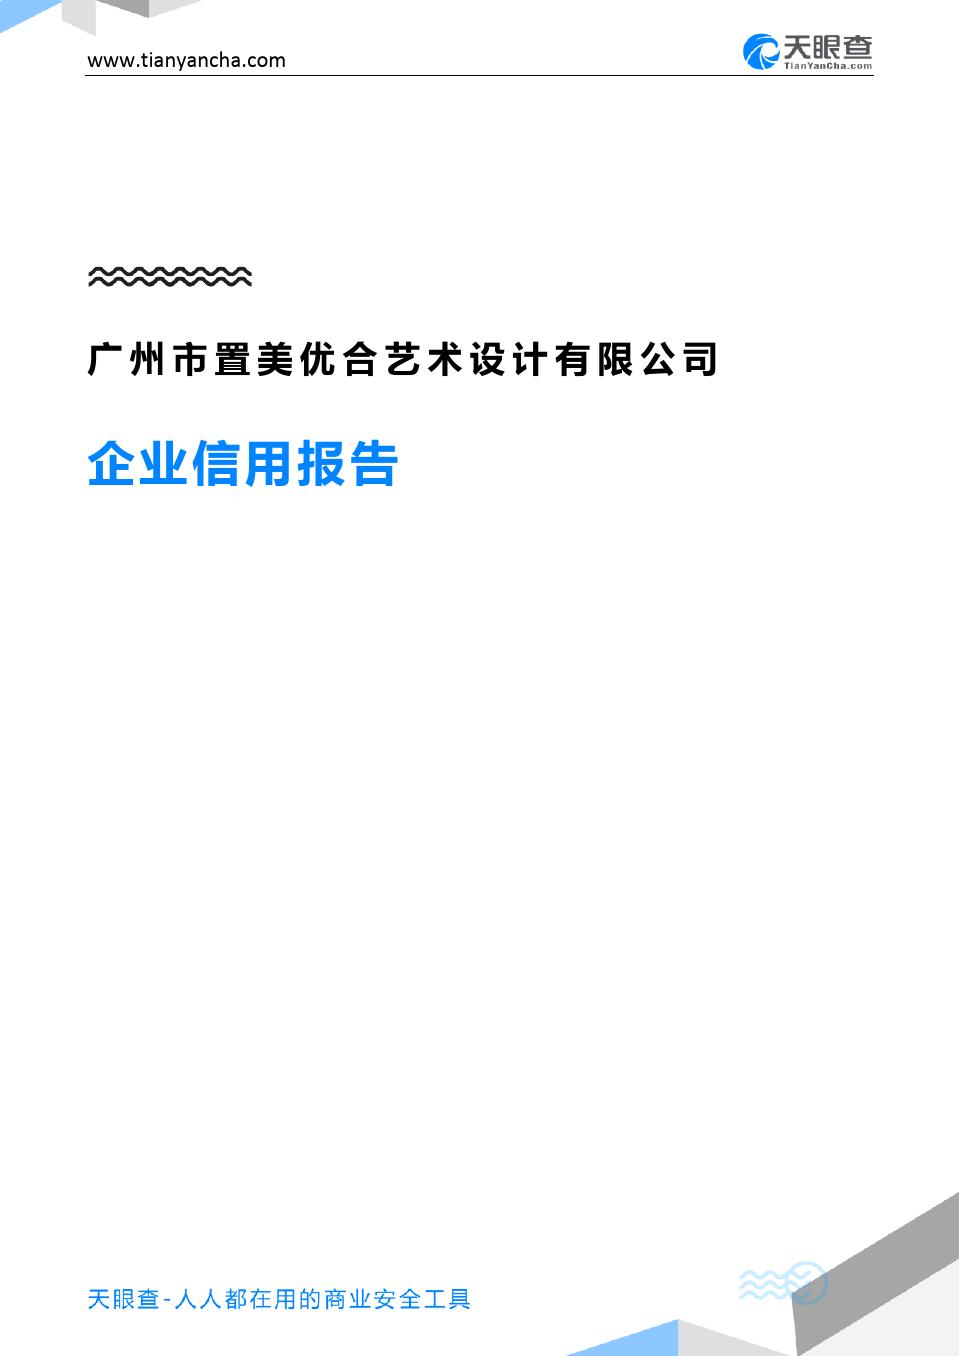 廣州市置美優合藝術設計有限公司(企業信用報告)- 天眼查